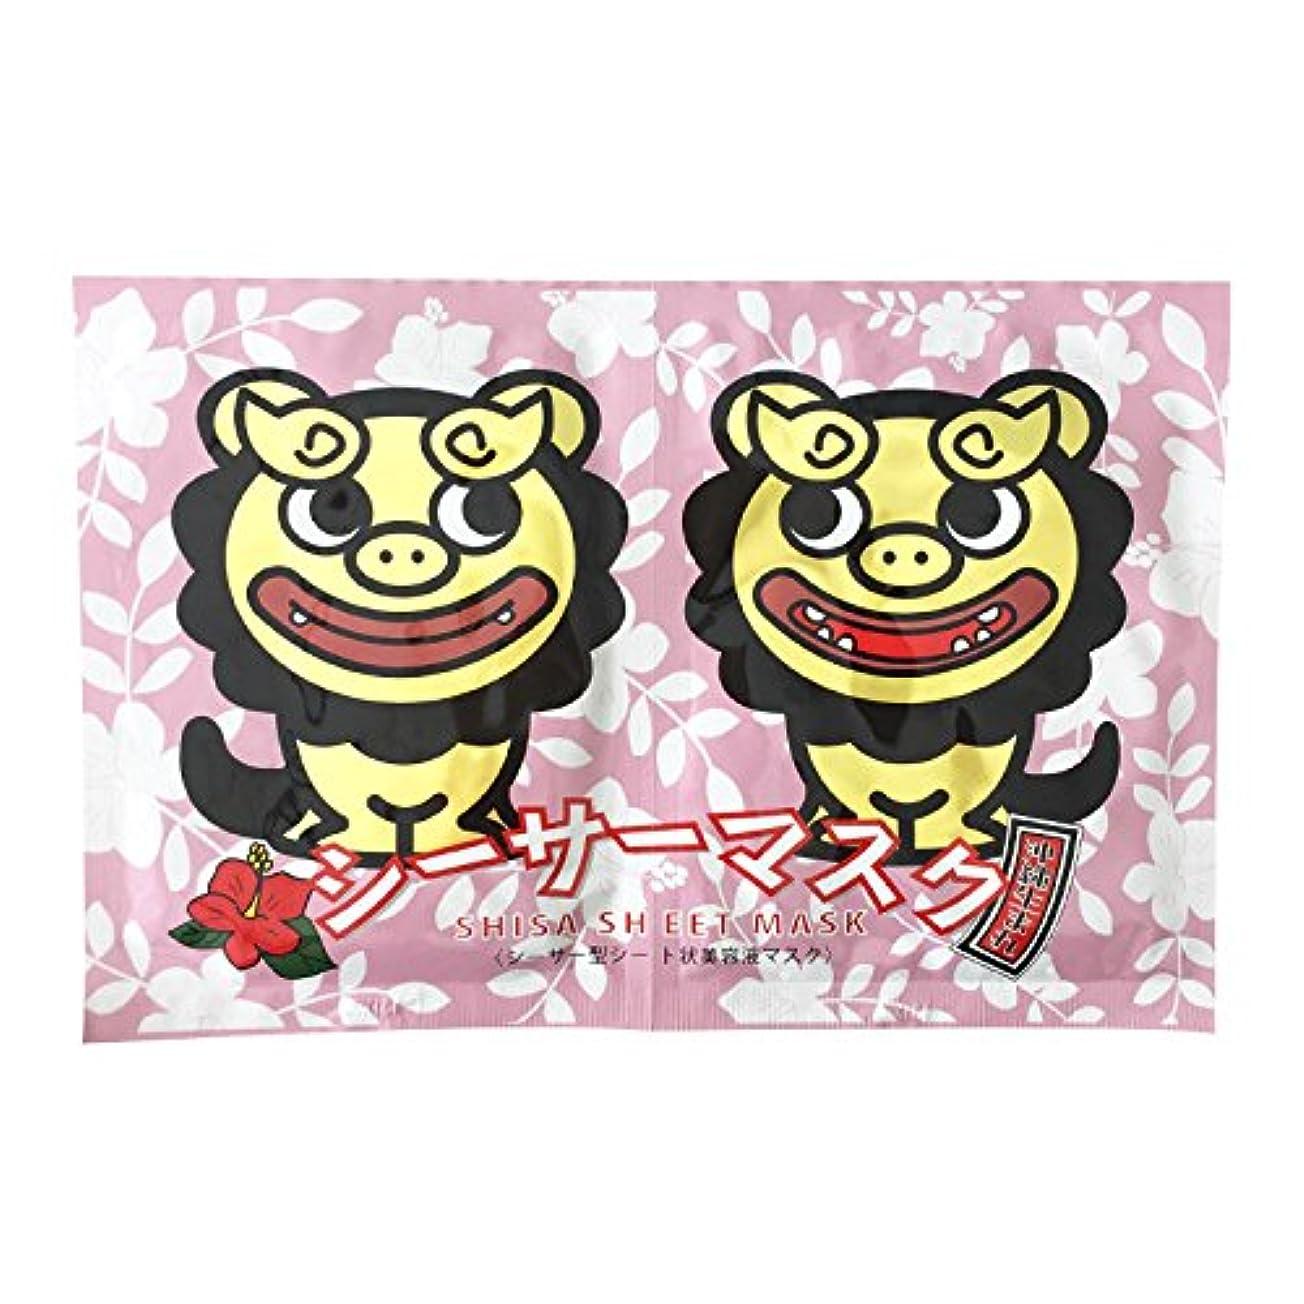 ちゅらシーサー シーサーマスク (赤)